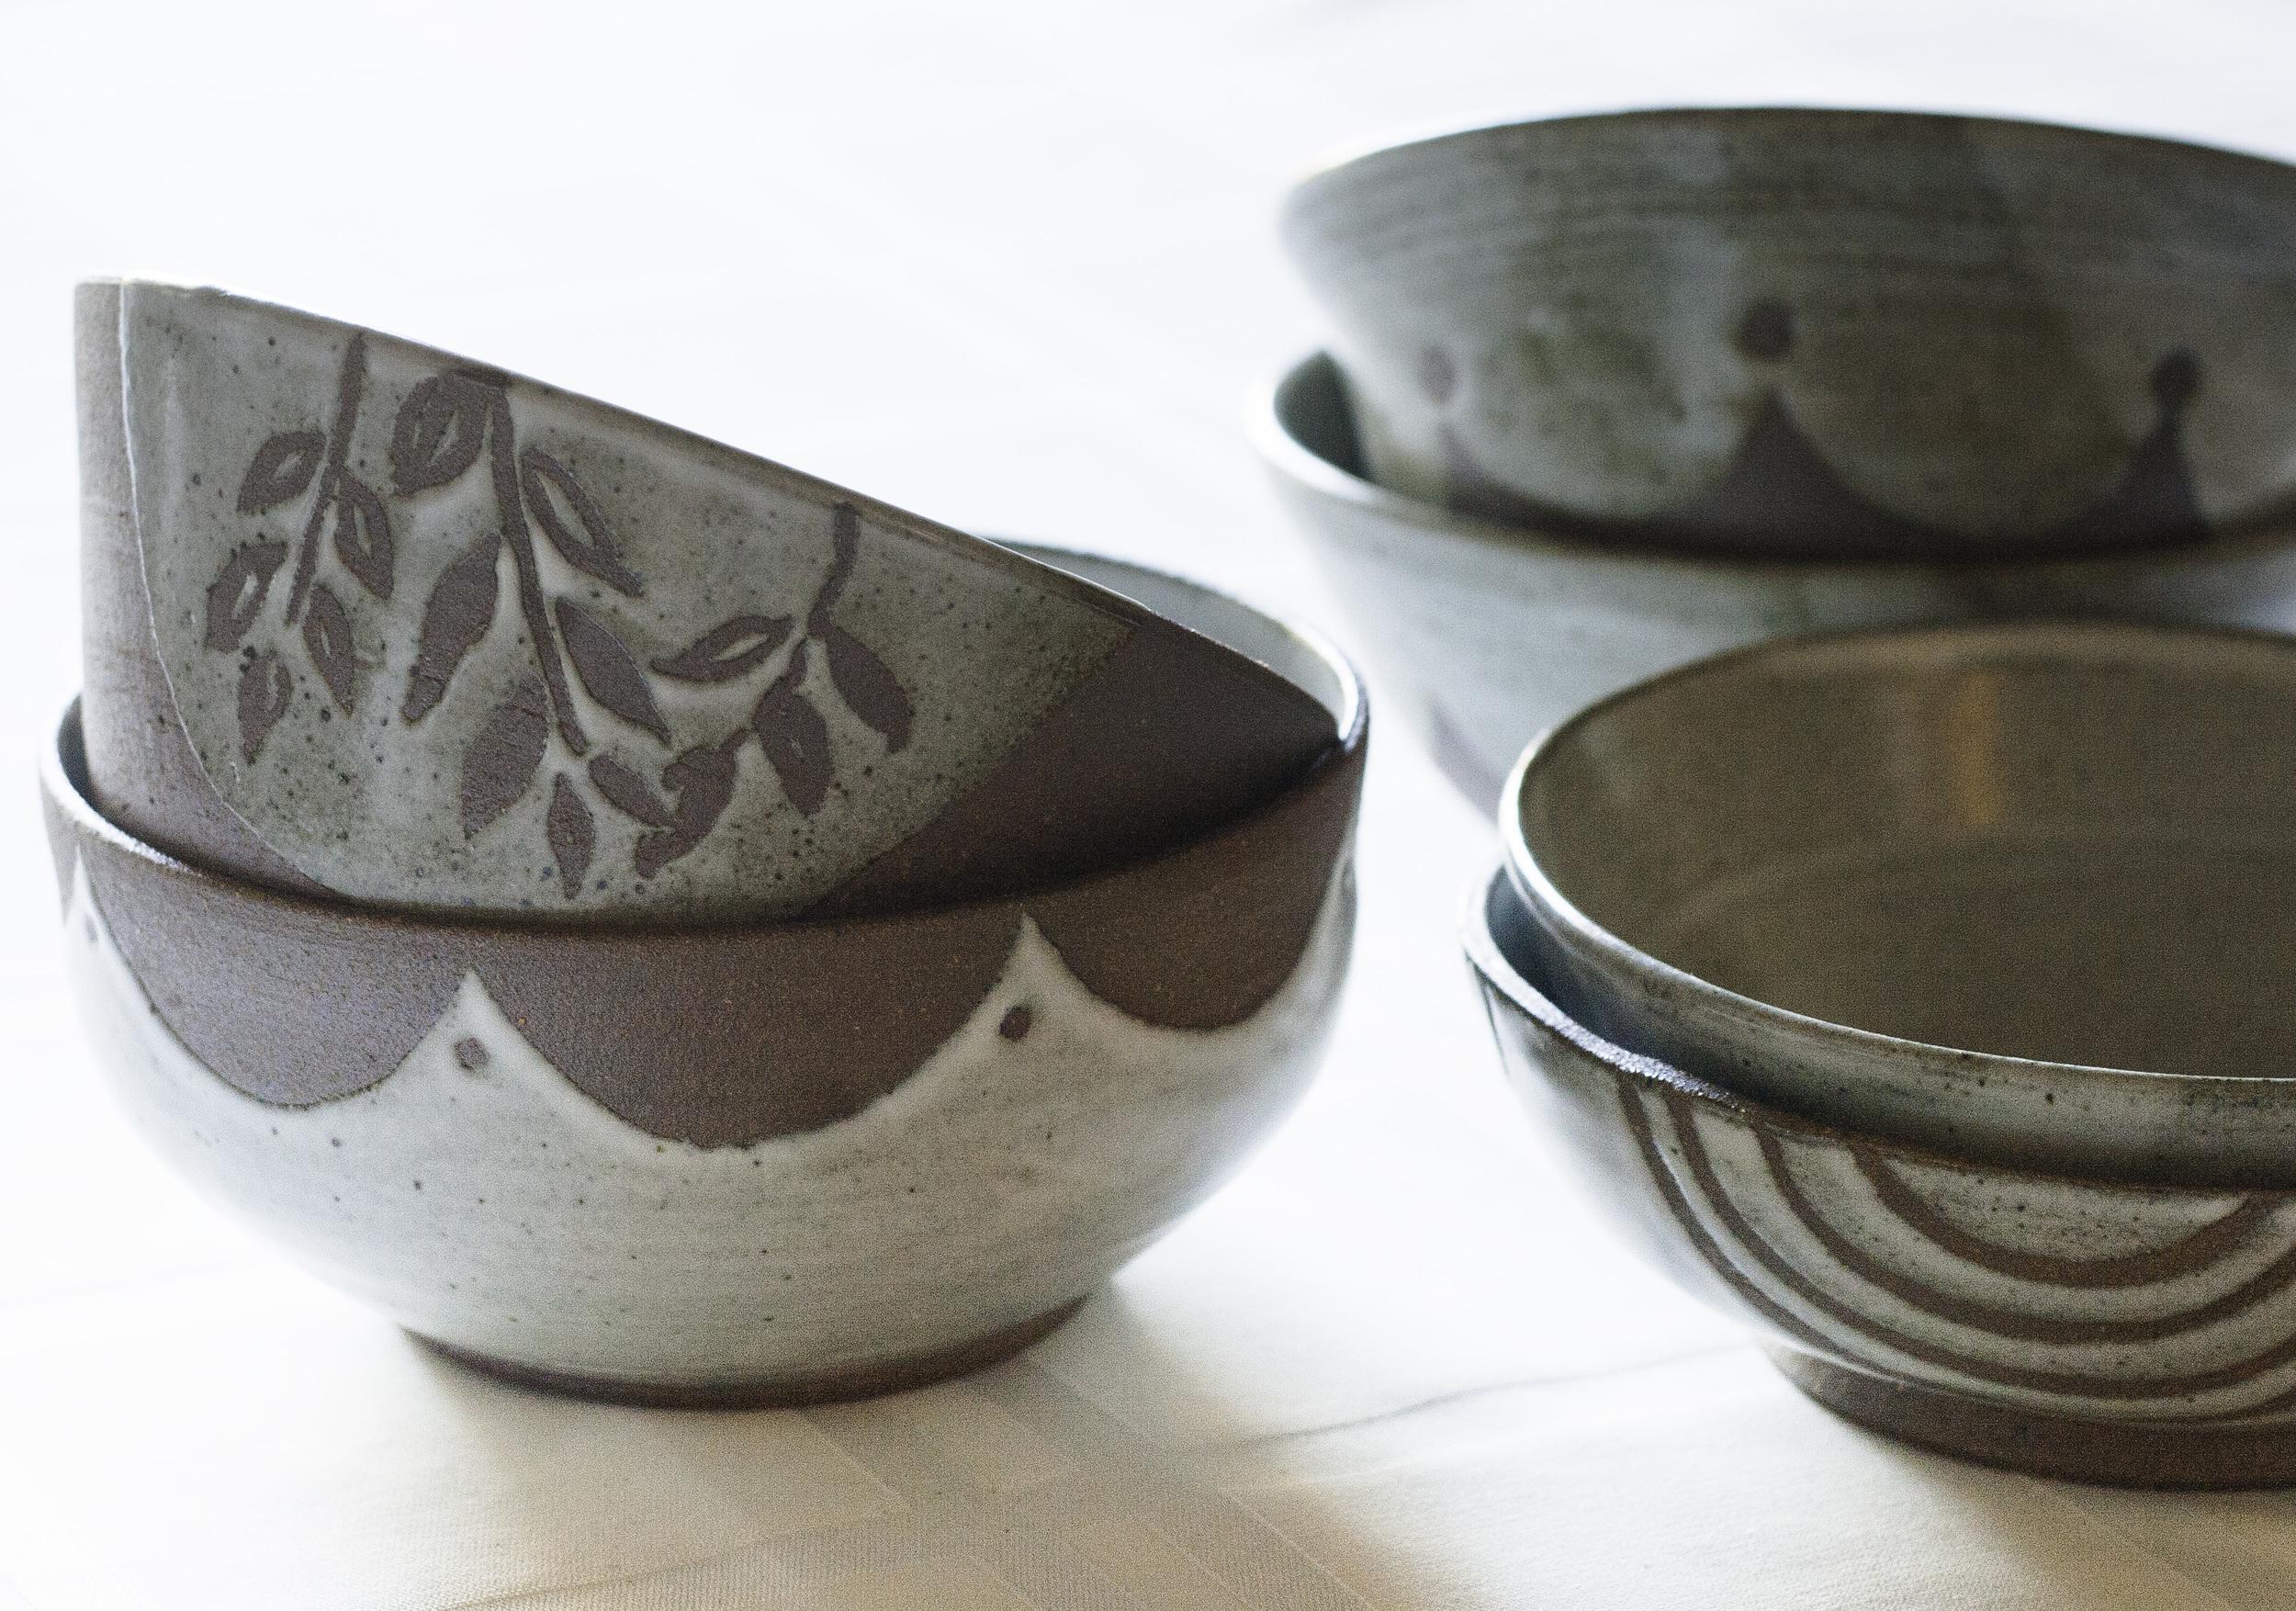 Rustic Bowls - D Pottery